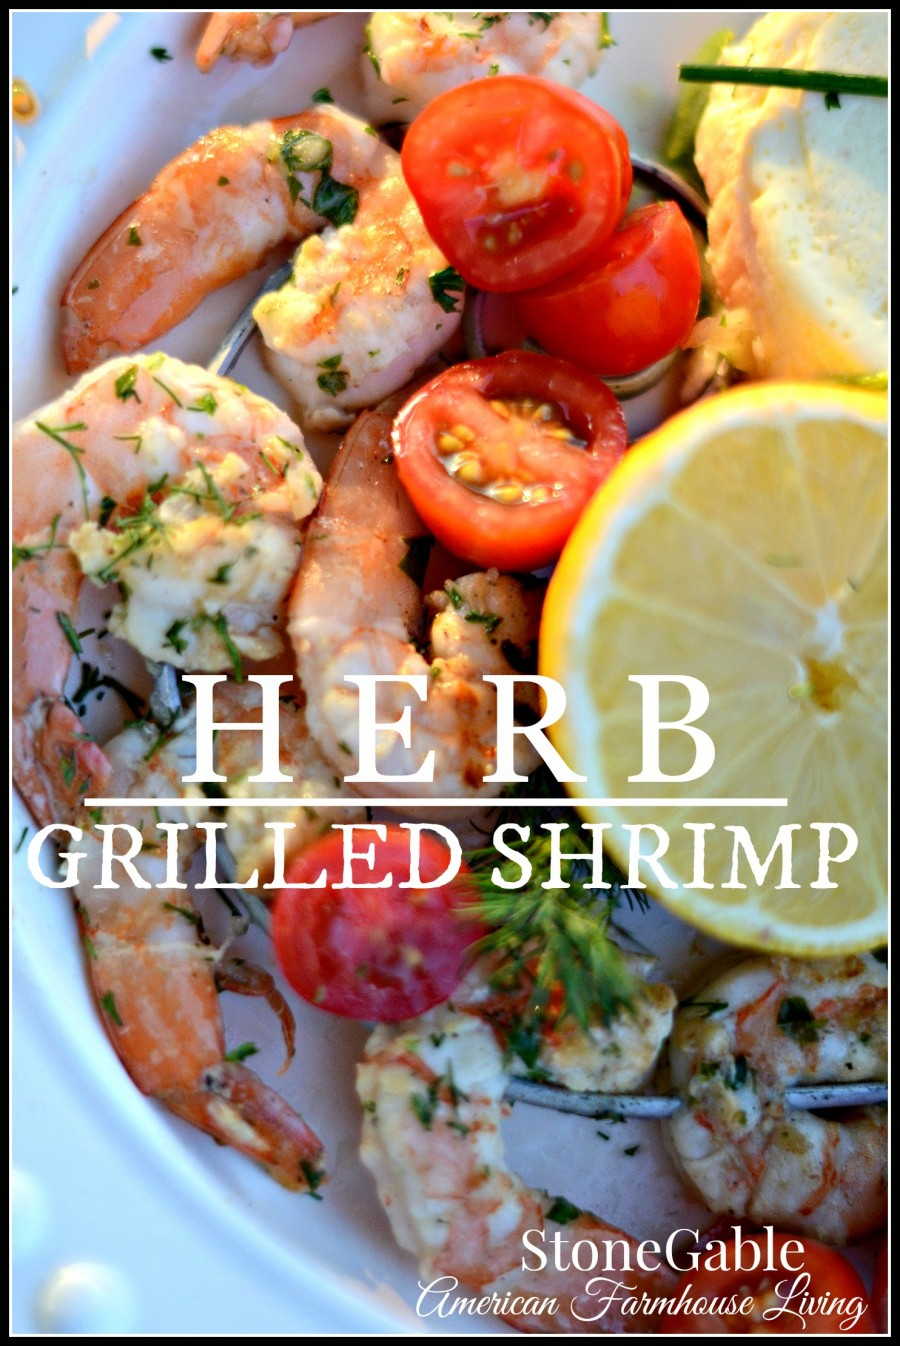 HERB GILLED SHRIMP